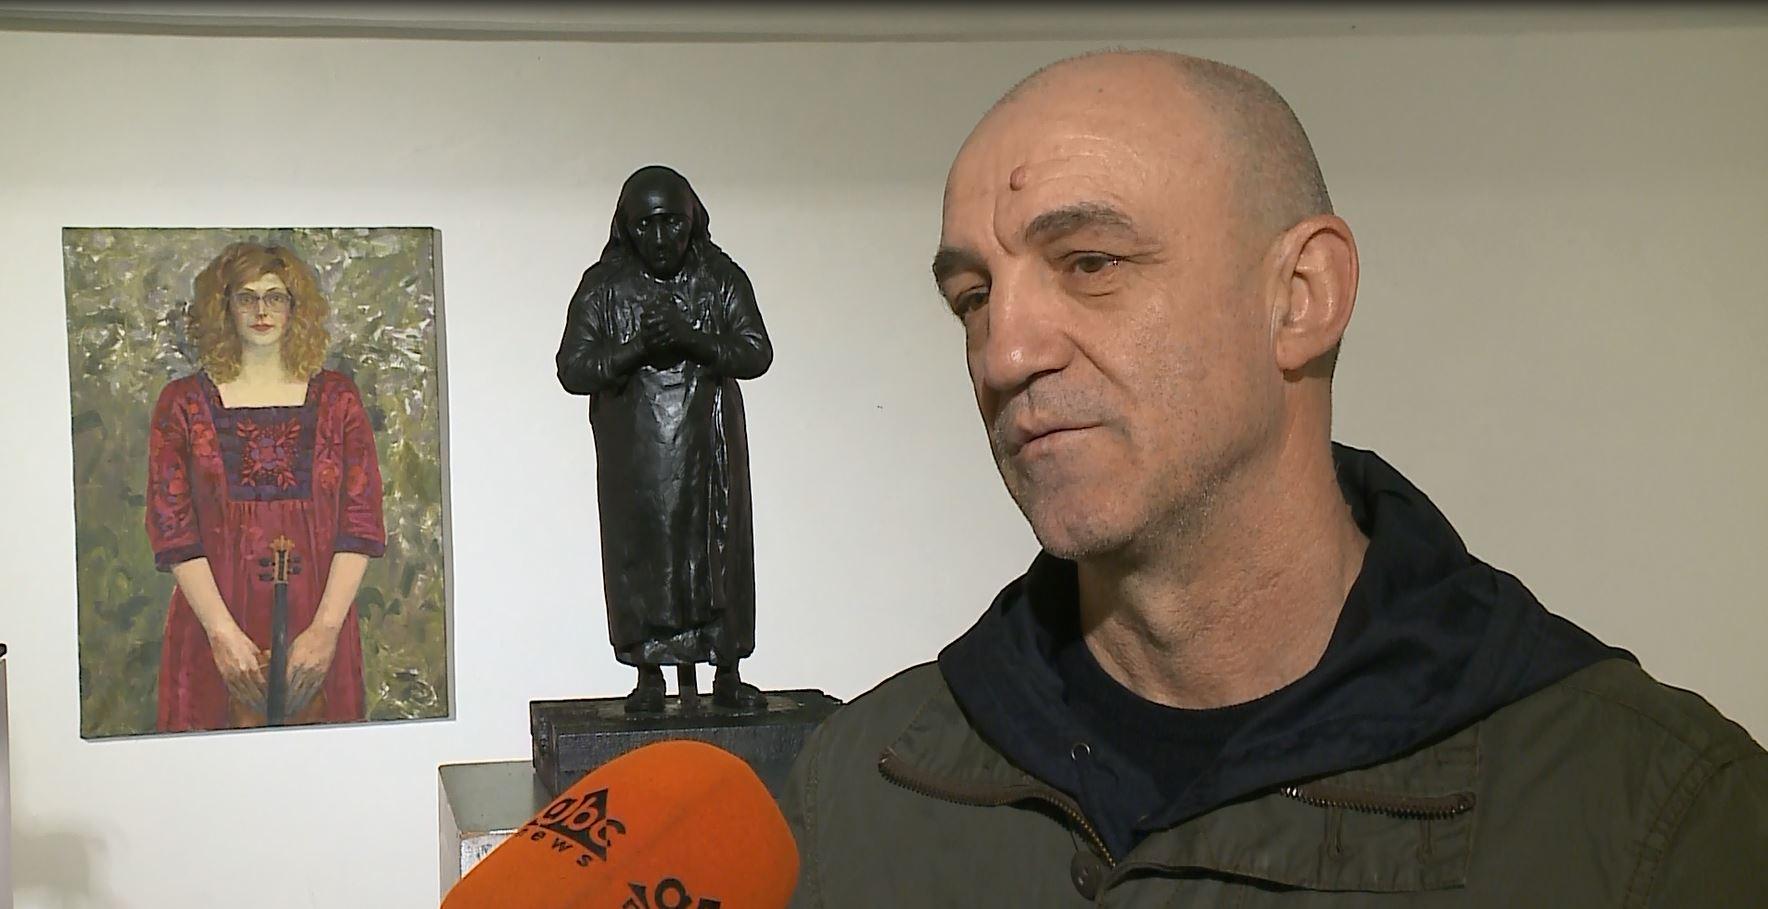 Temo rrëfen udhëtimin e tij 25-vjeçar me gjuhën e pikturës dhe skulpturës